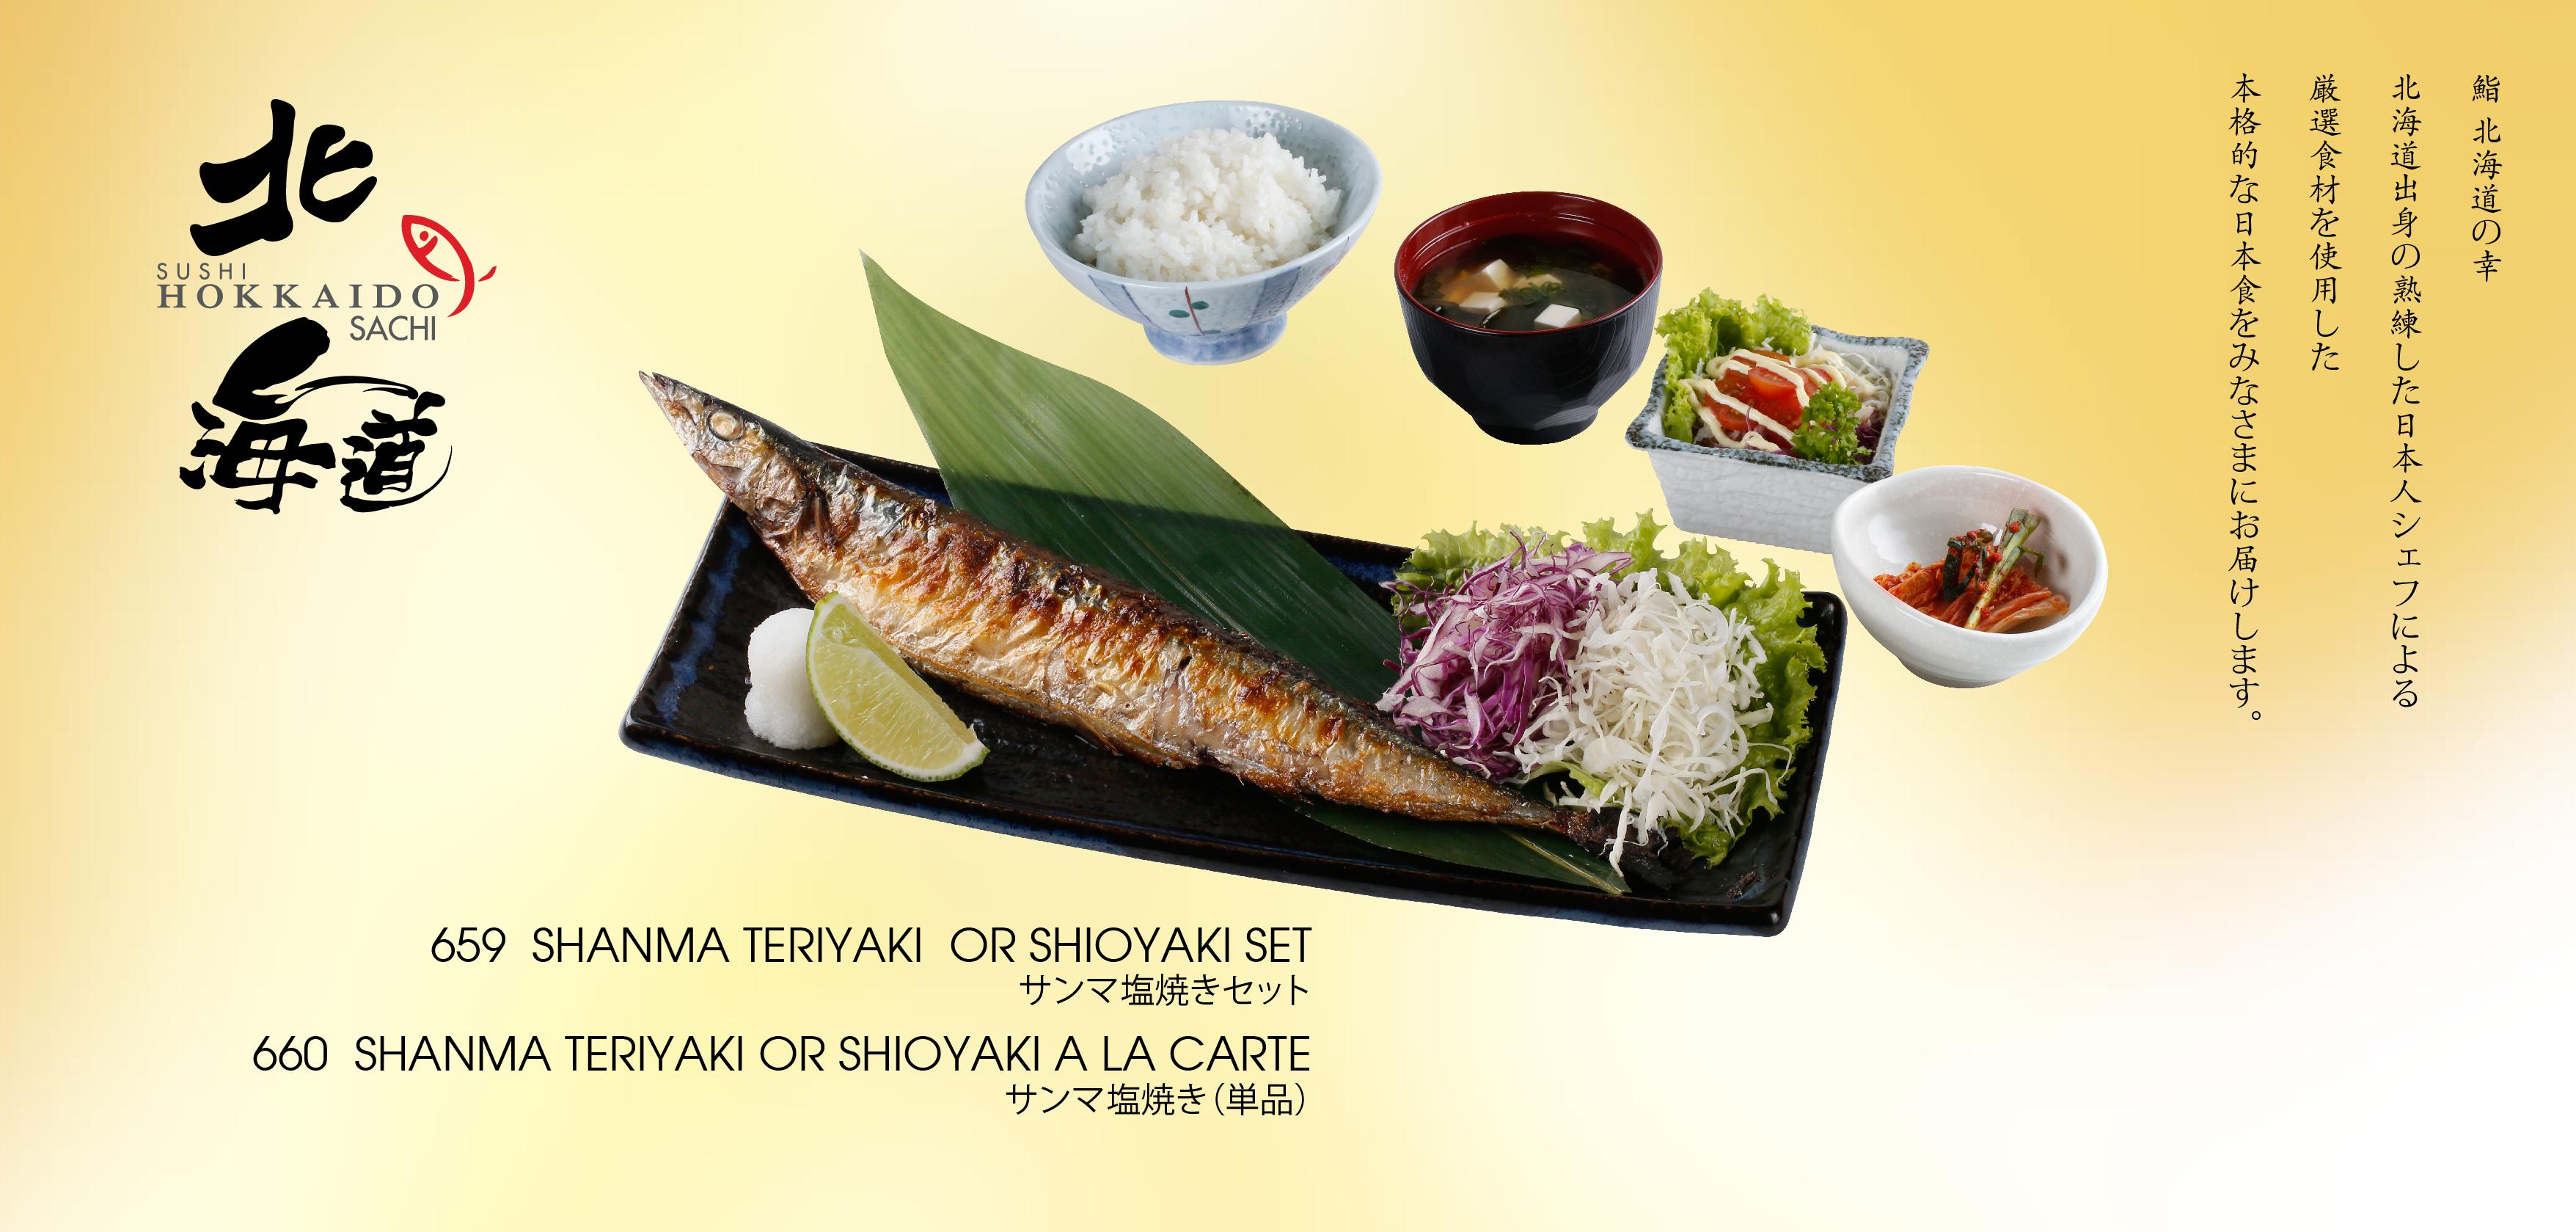 SHANMA SHIOYAKI SETサンマ塩焼きセット